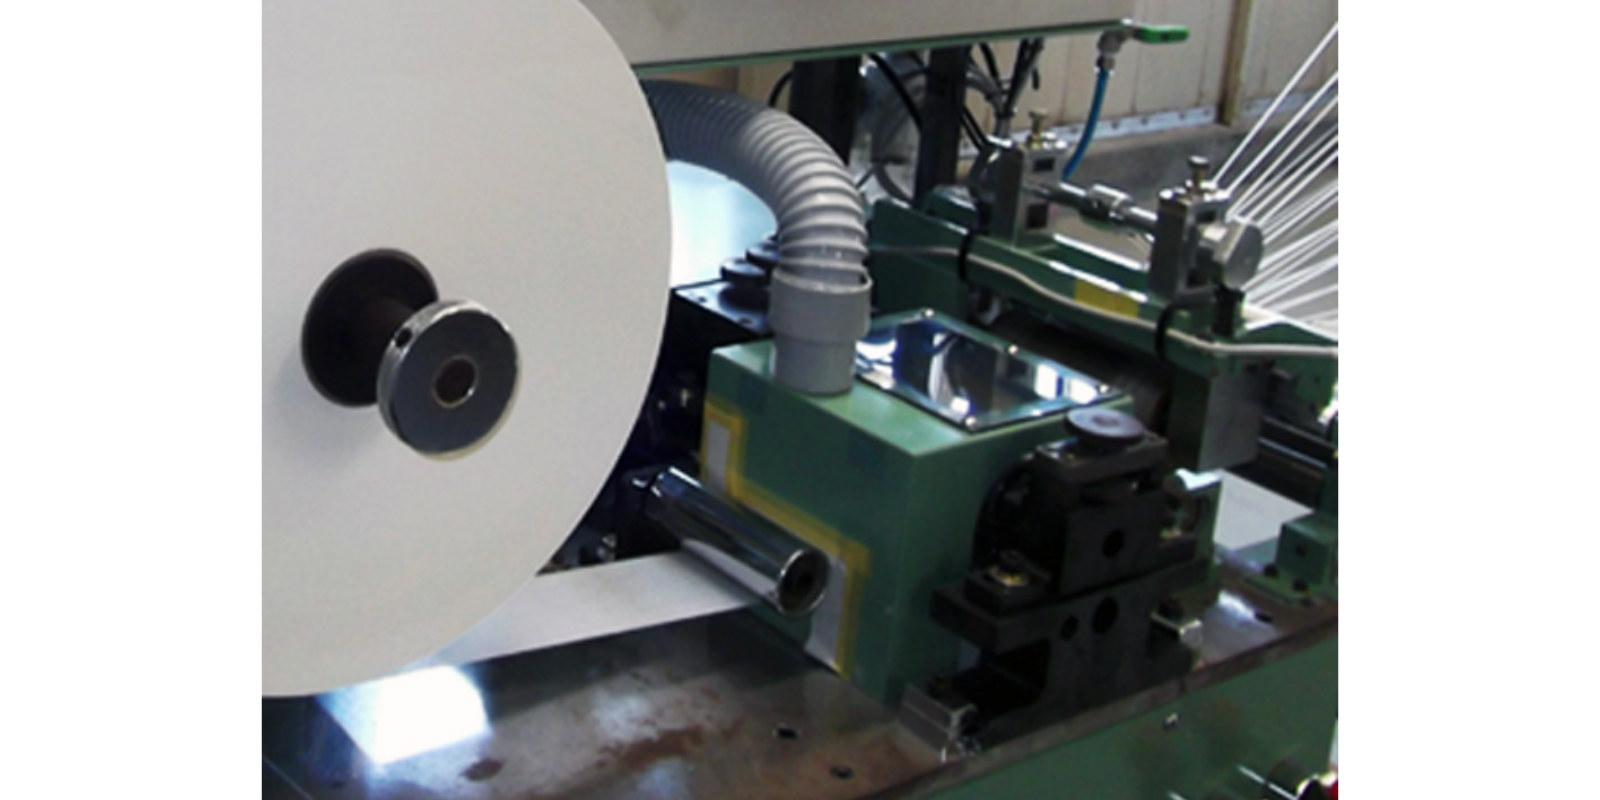 和紙をさらに細く1.5~2ミリ幅にカット。機械の右側から蜘蛛の糸のように裁断後の紙が伸びています